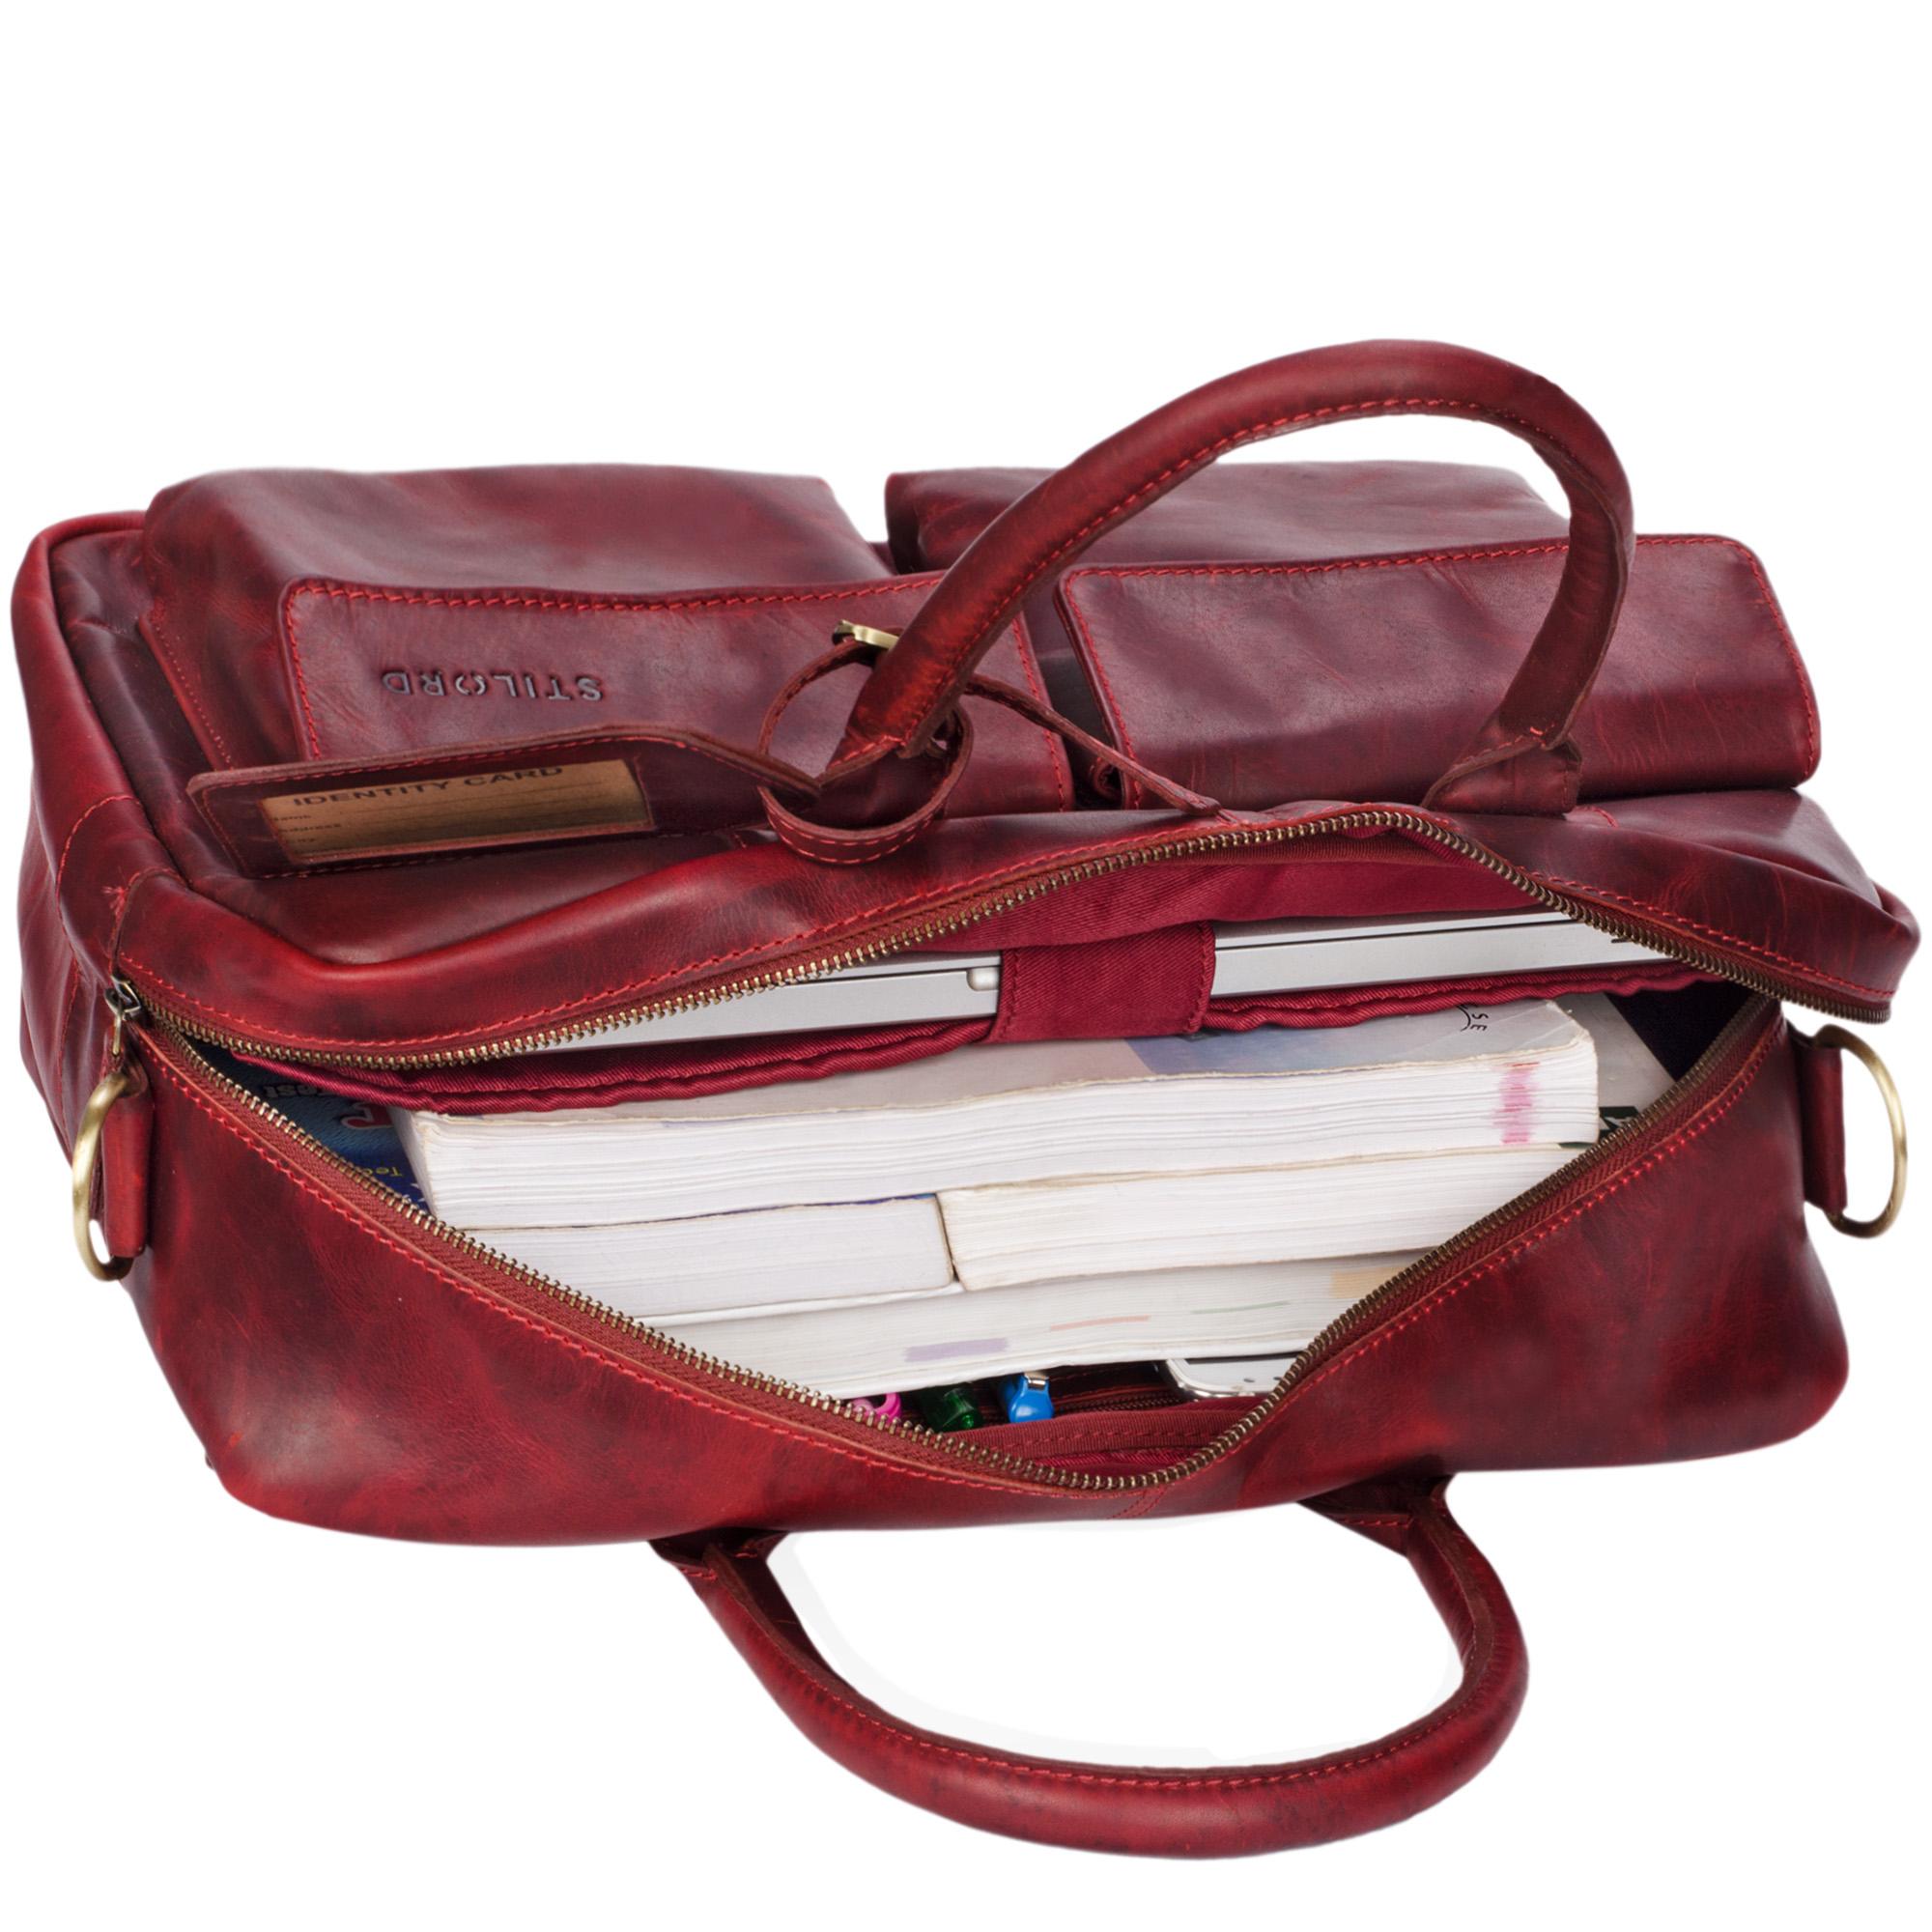 """STILORD """"Carlo"""" Große Umhängetasche Leder Lehrertasche Aktentasche Schultertasche Reise Beruf Freizeit 15,6 Zoll Laptop College Bag Arbeit Büro - Bild 16"""